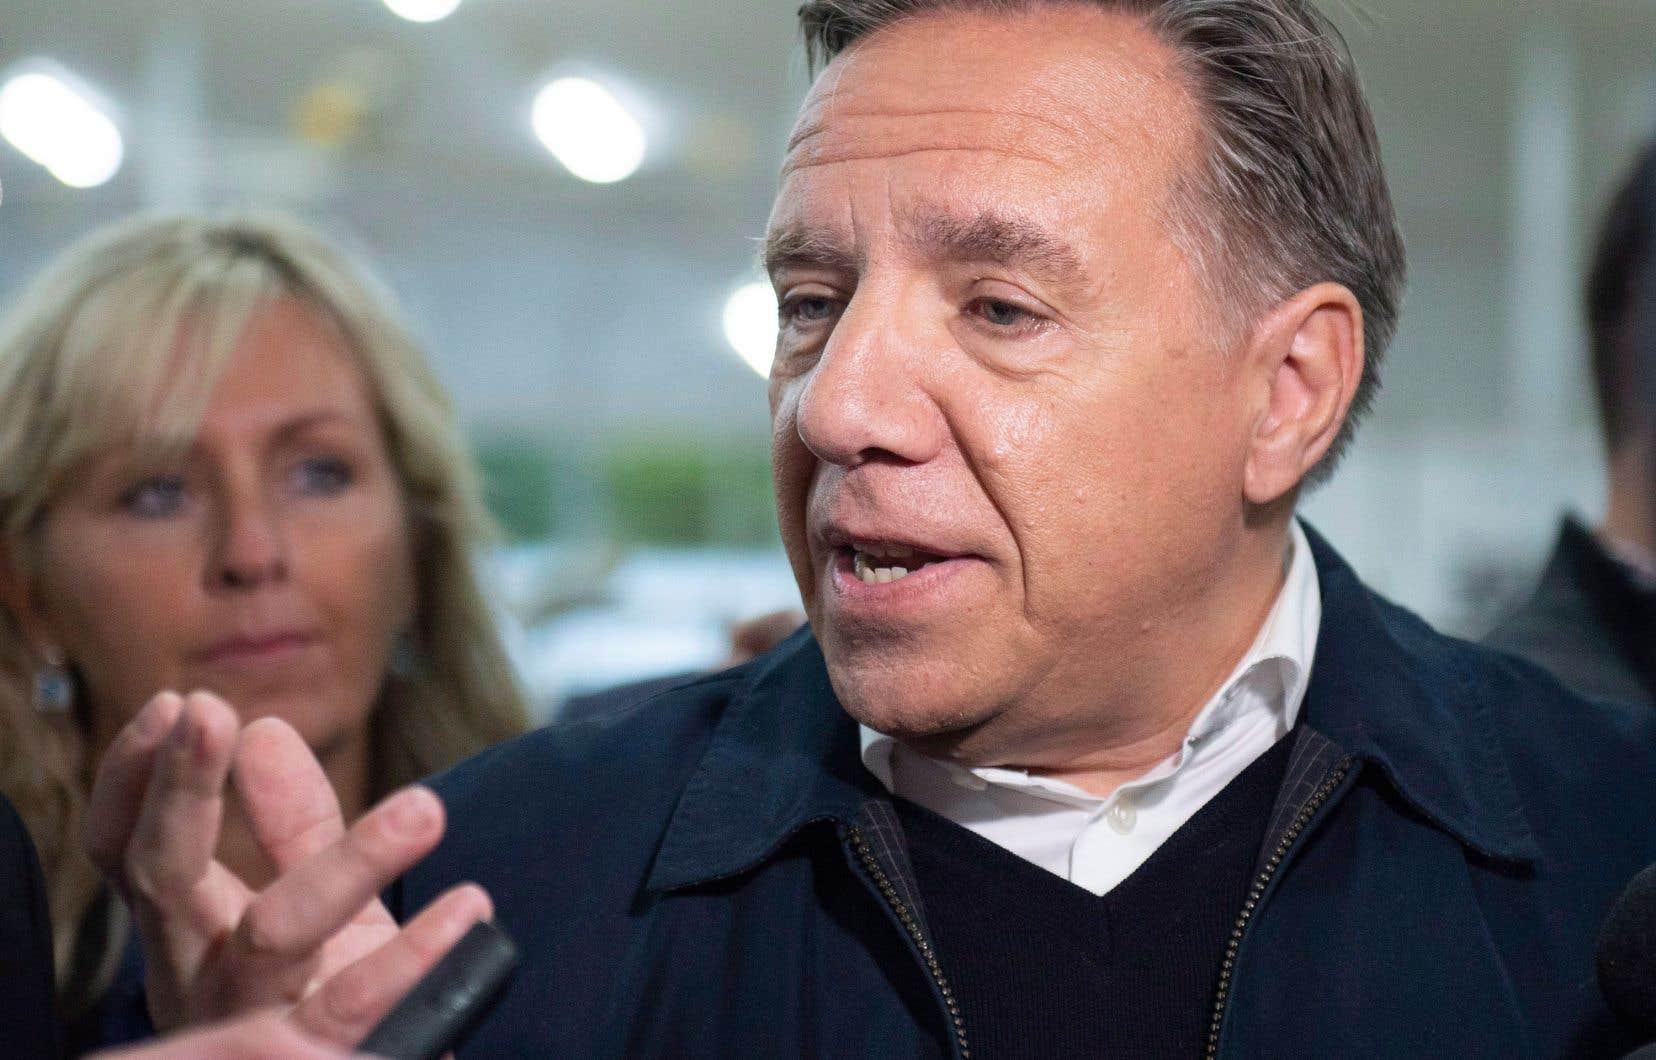 Le chef de la CAQ, François Legault, a répondu aux questions des journalistes lors de sa visite d'une ferme laitière, mardi, à Saint-Henri-de-Taillon, dans la région du Saguenay–Lac-Saint-Jean.